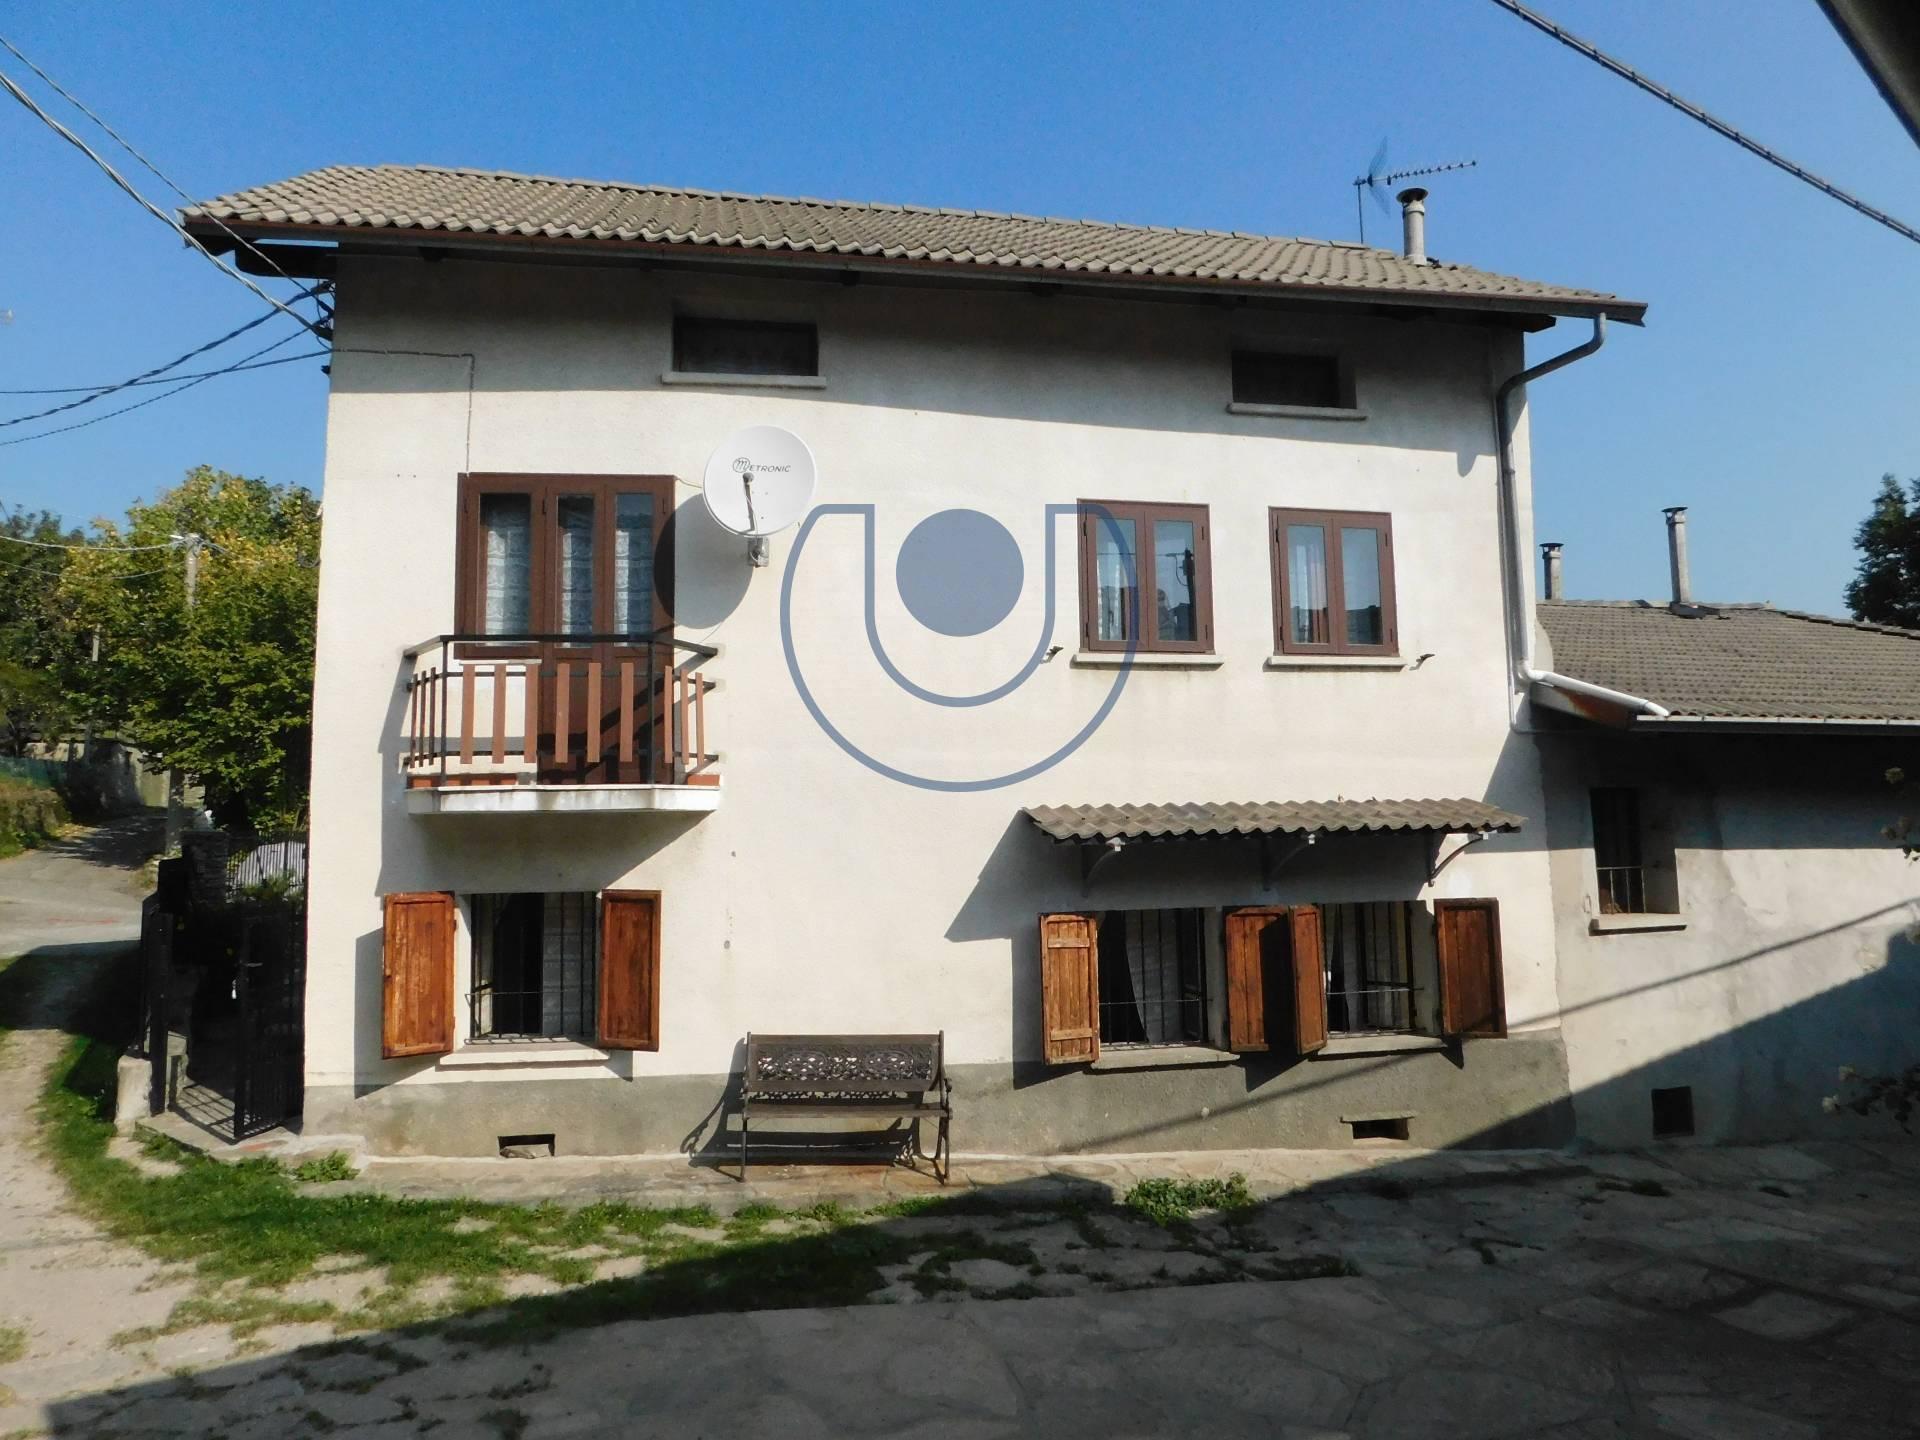 Altro in vendita a Valgioie, 7 locali, zona Località: ColleBraida, prezzo € 43.000   PortaleAgenzieImmobiliari.it